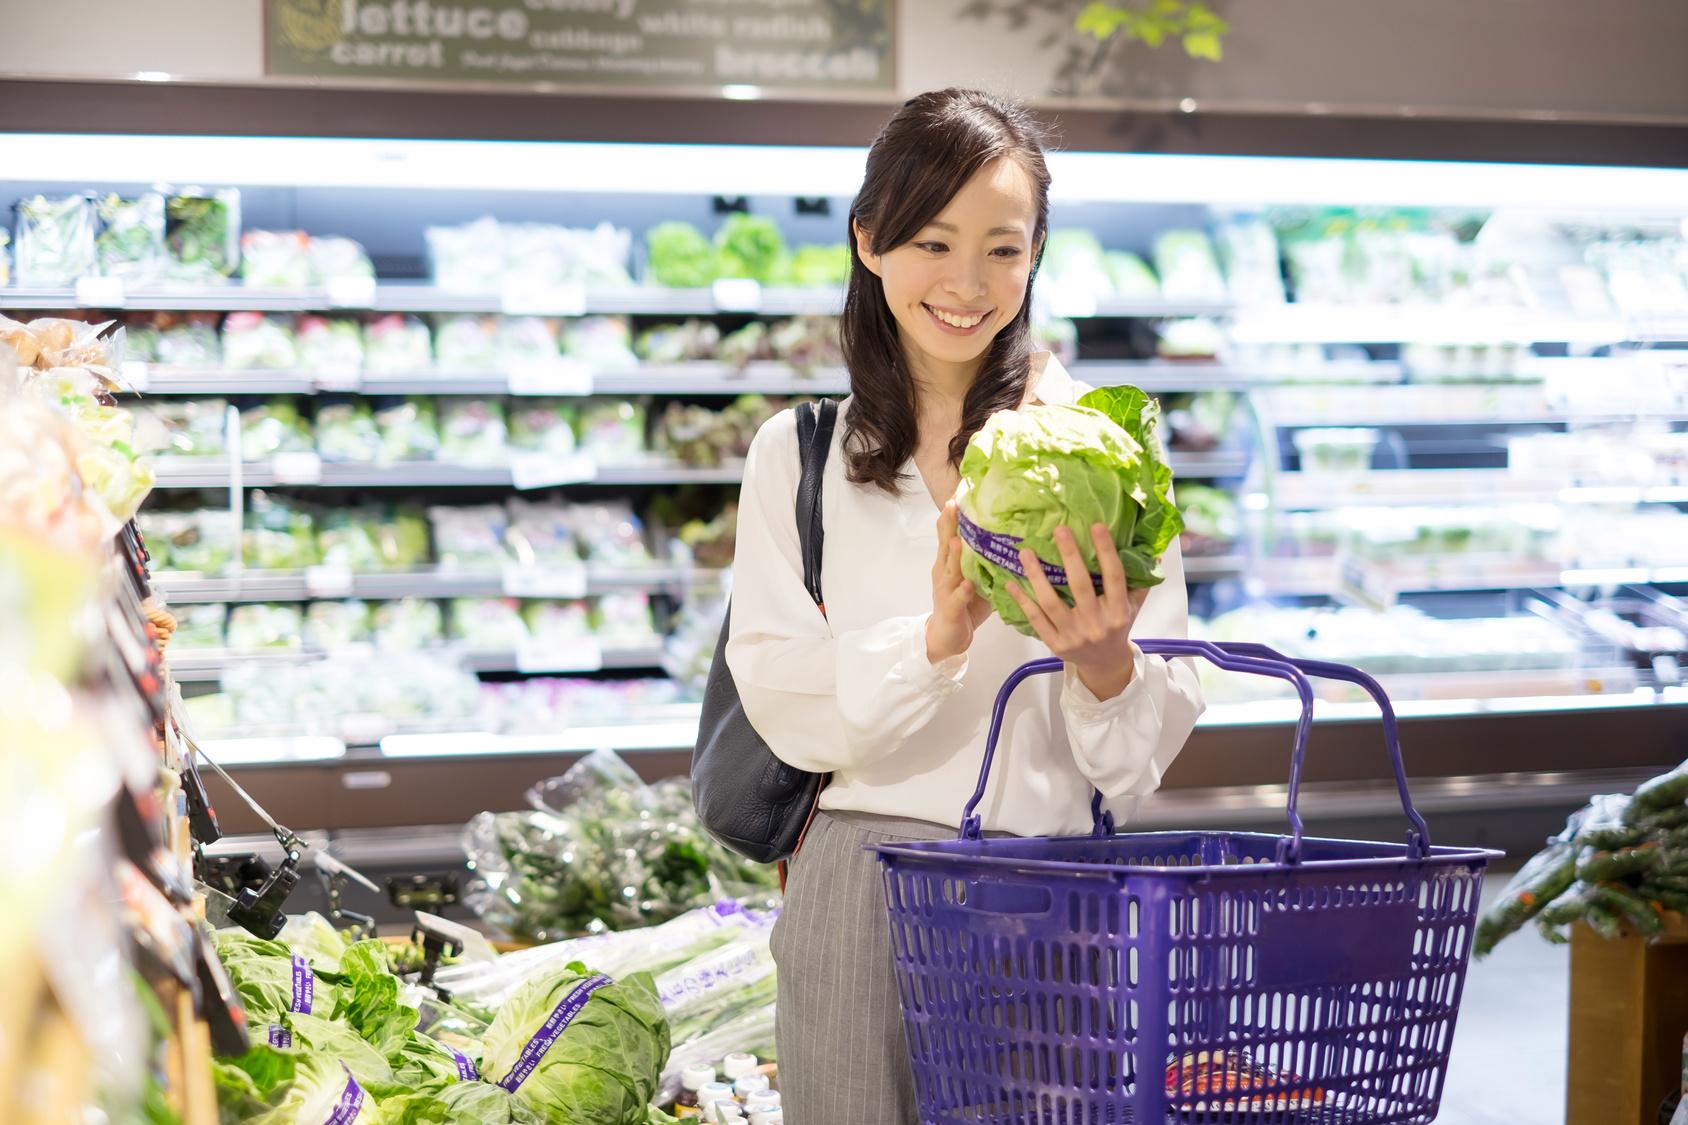 予算先取りって?自然に身につく「食費節約体質」のつくり方【和田由貴のカンタン節約術その3】